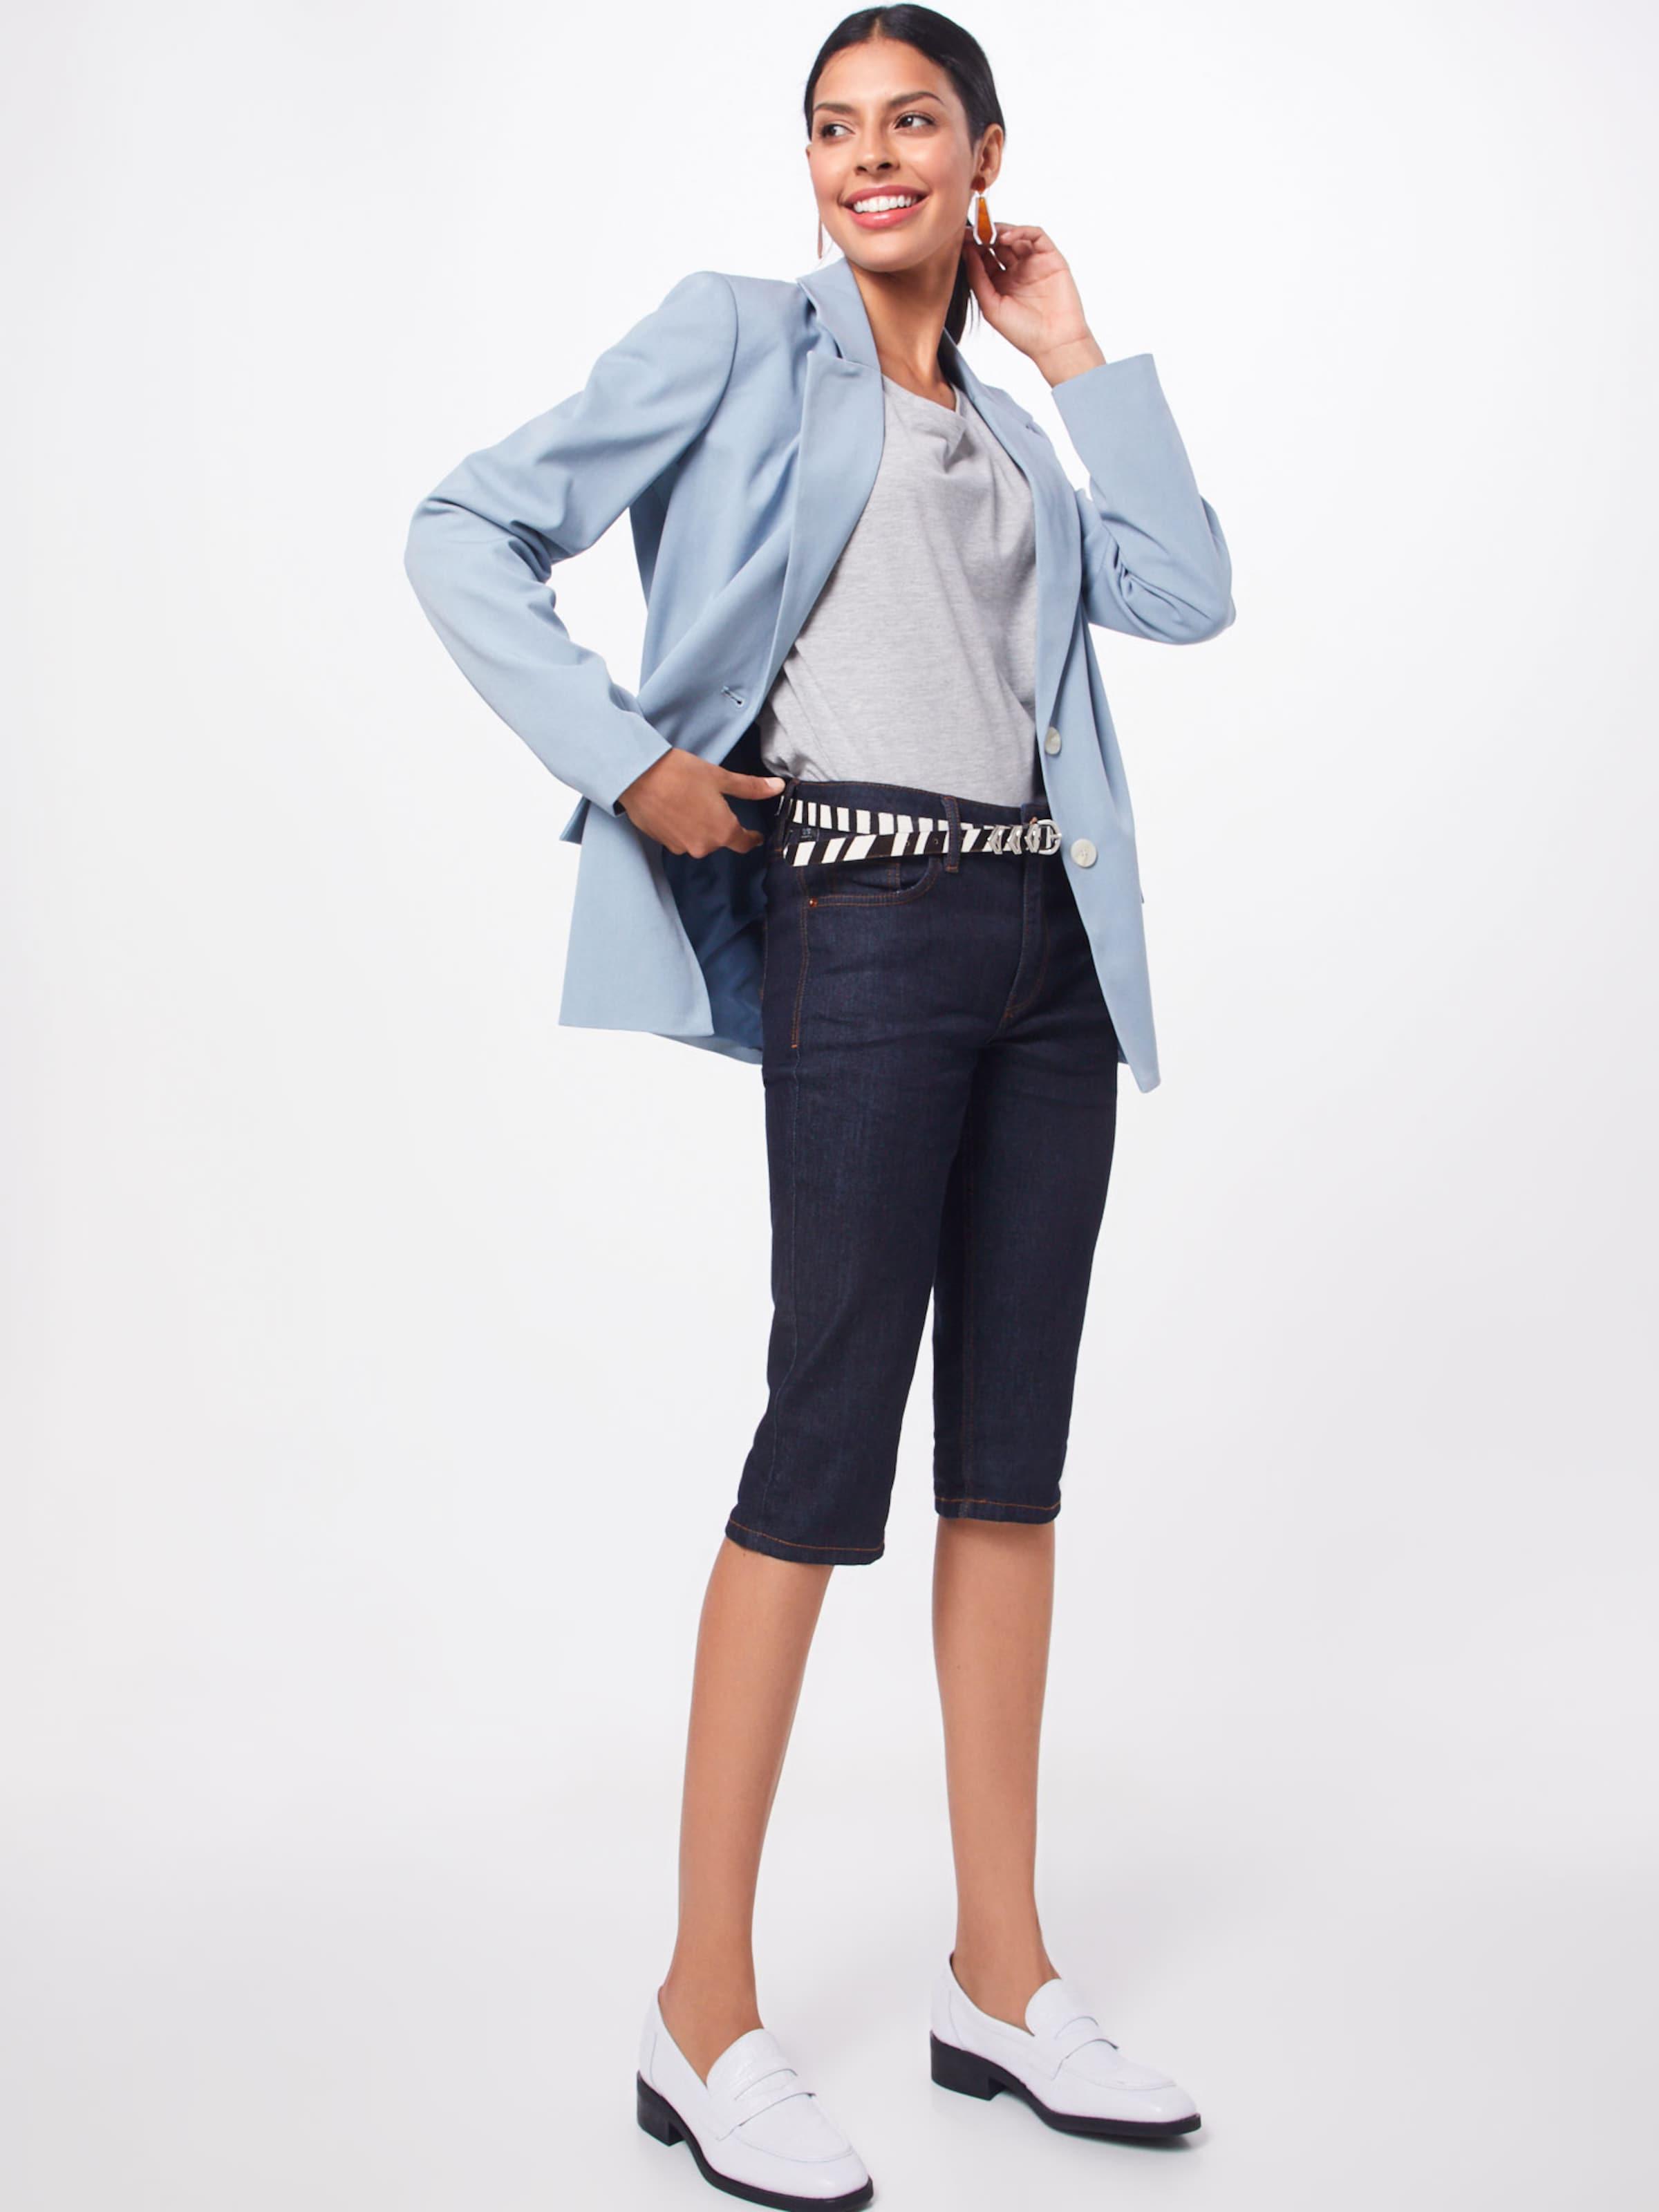 Denim By Designed s Q DamenJeans In 'jeans' Blue lKF1TcJ3